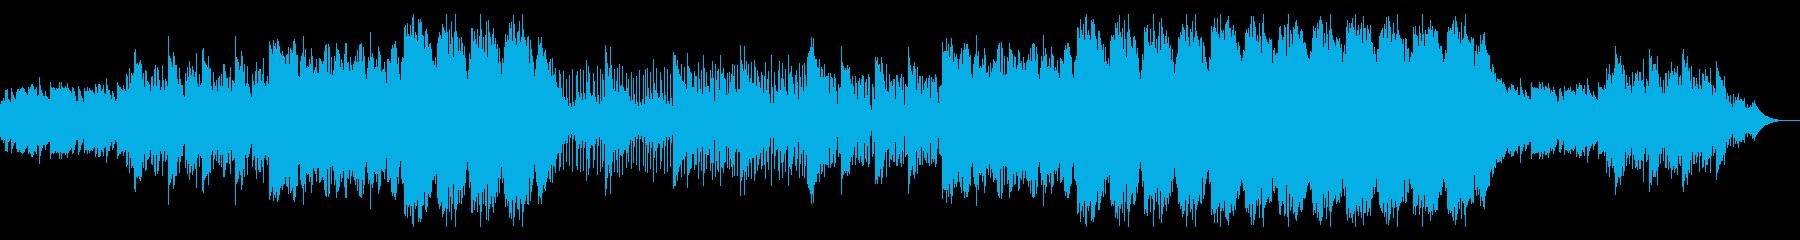 囲まれたような緊張感のあるBGMの再生済みの波形